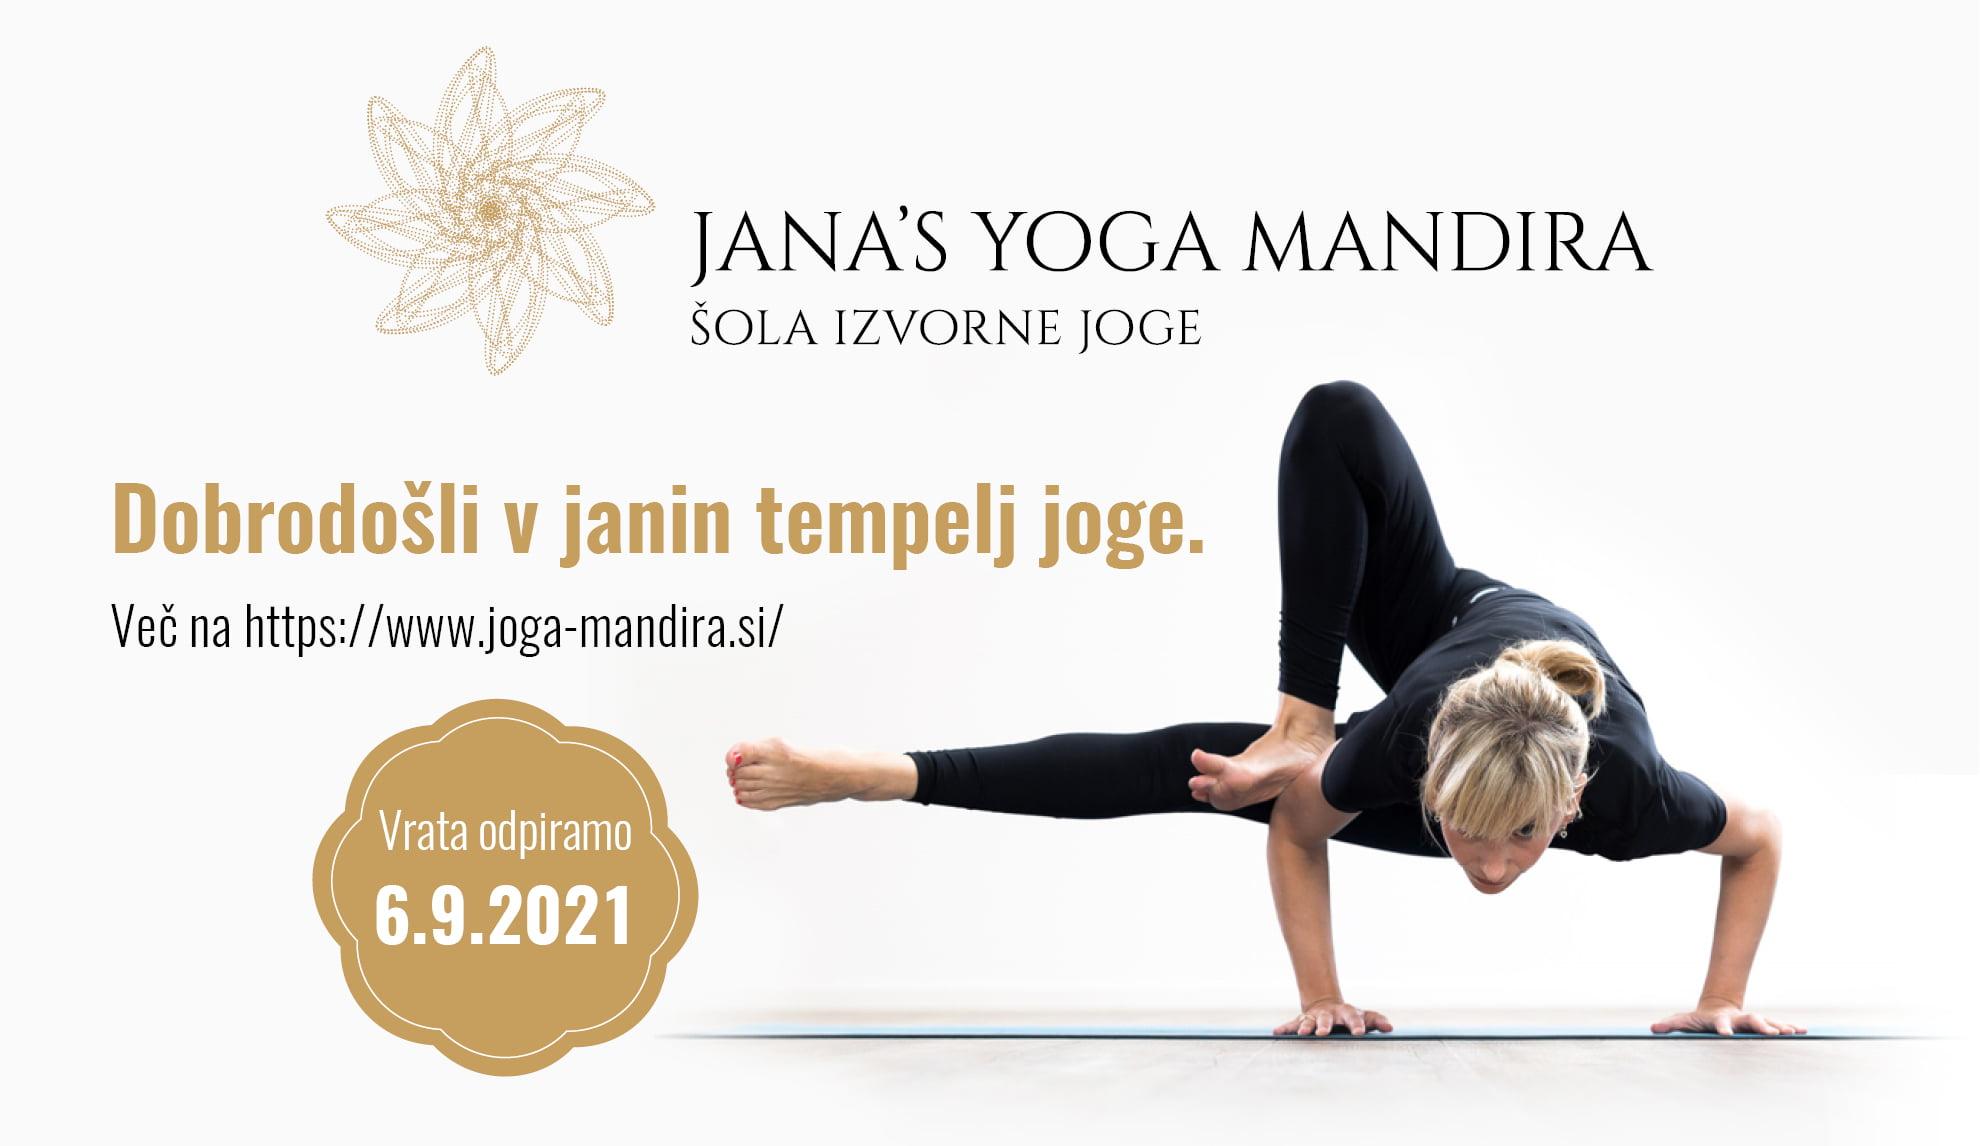 Jutranja joga - Šola izvorne joge (Jana's Yoga Mandira) 8